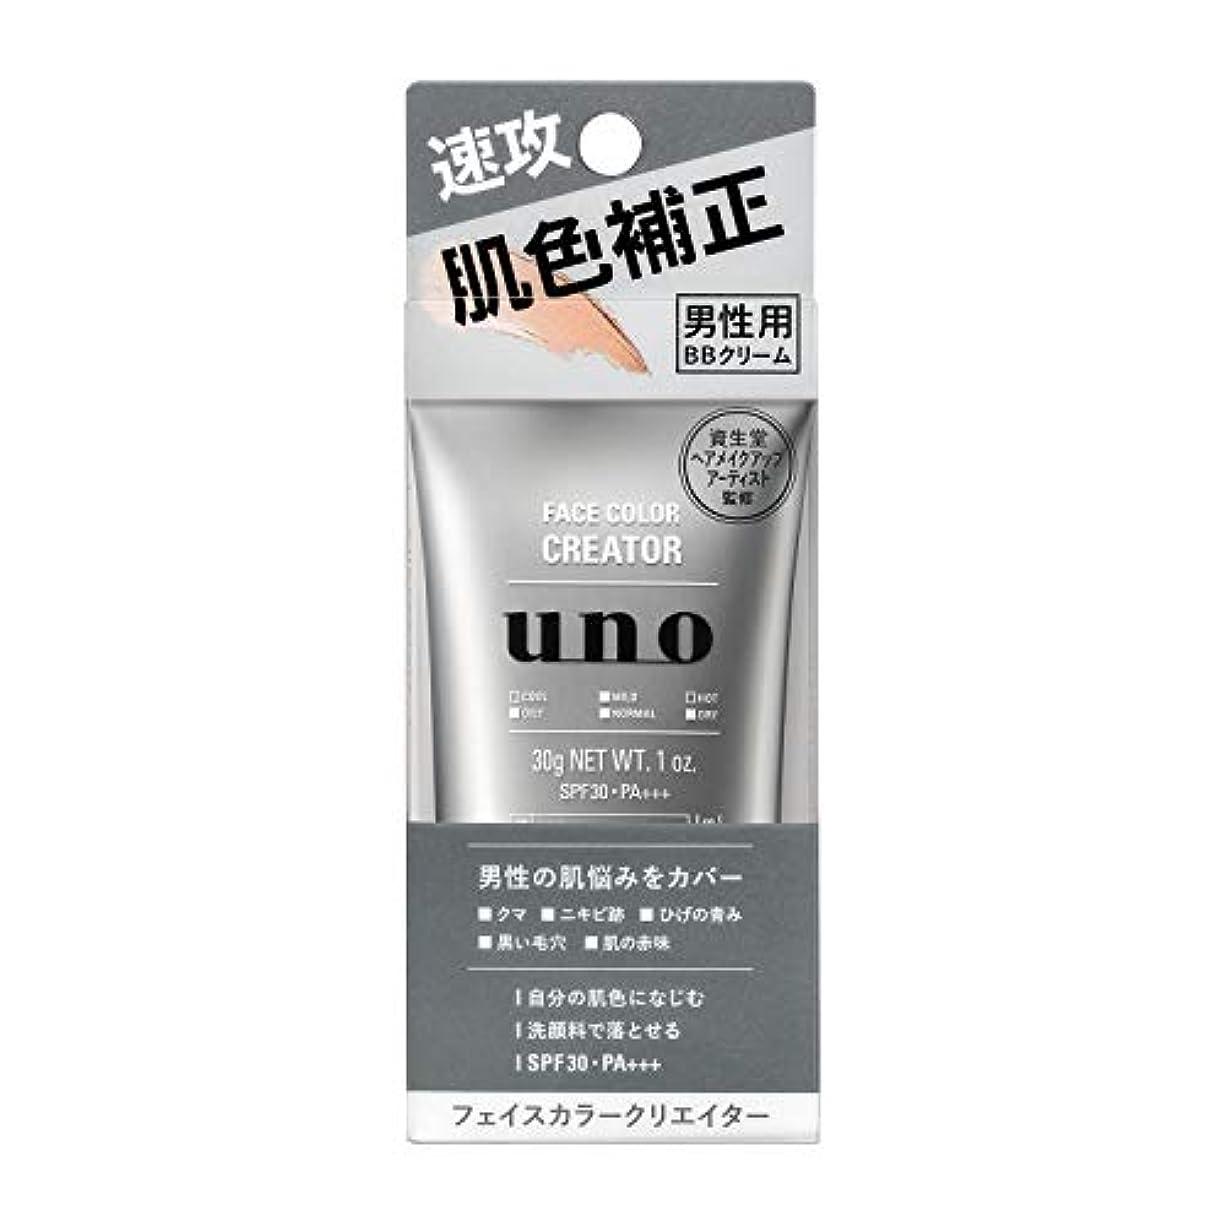 失礼なブッシュ赤外線UNO(ウーノ)フェイスカラークリエイター BBクリーム メンズ SPF30 PA+++ 30g